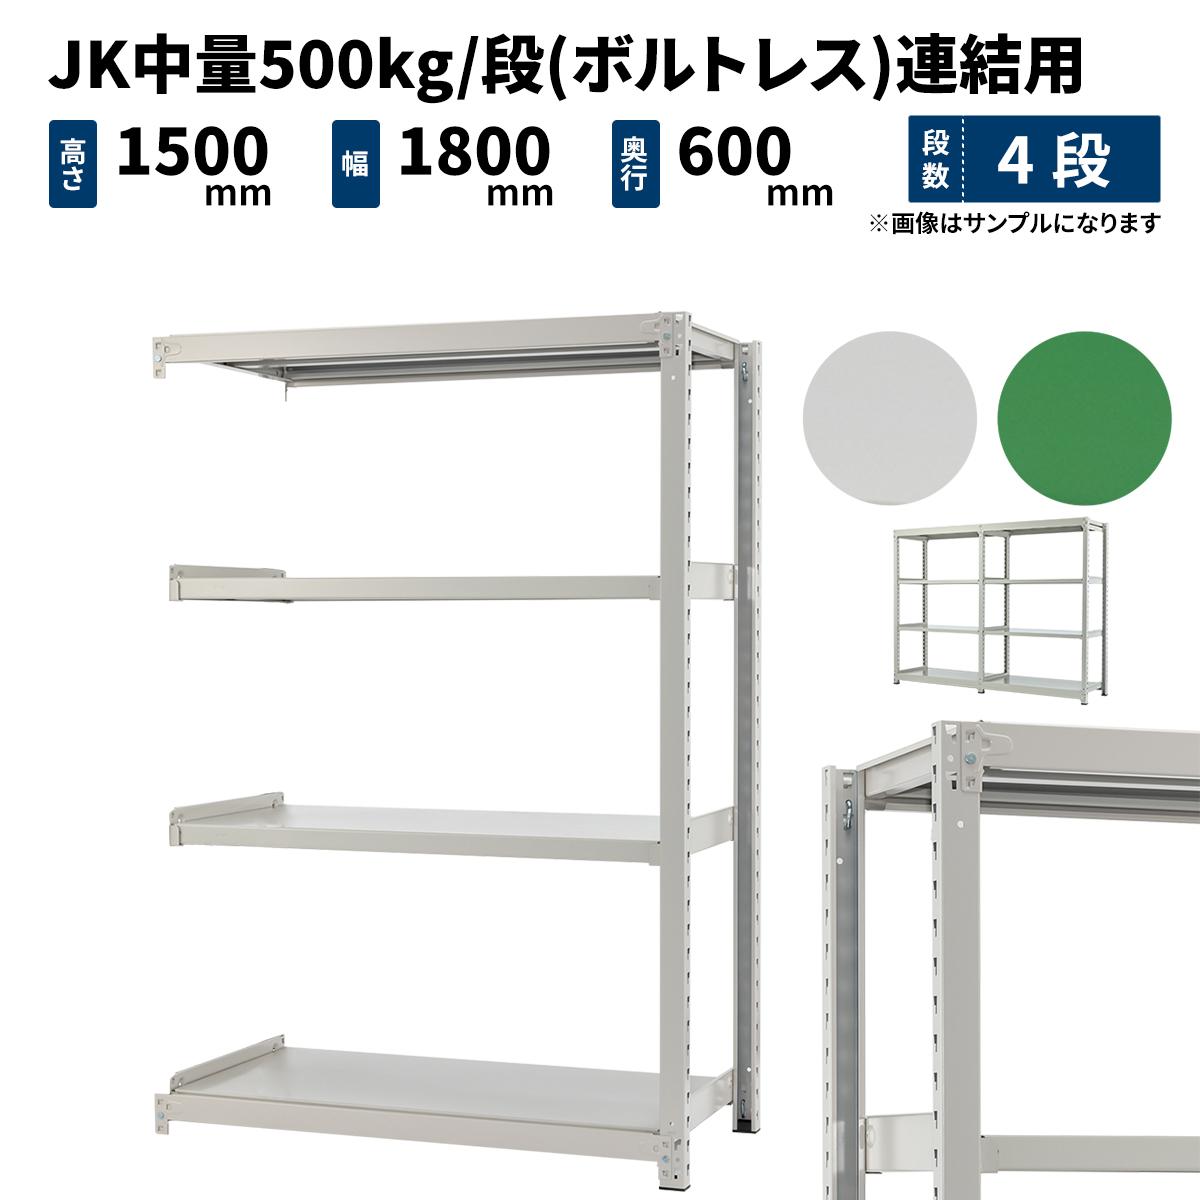 スチールラック 業務用 JK中量500kg/段(ボルトレス) 連結形式 高さ1500×幅1800×奥行600mm 4段 ホワイトグレー/グリーン (86kg) JK500_R-151806-4